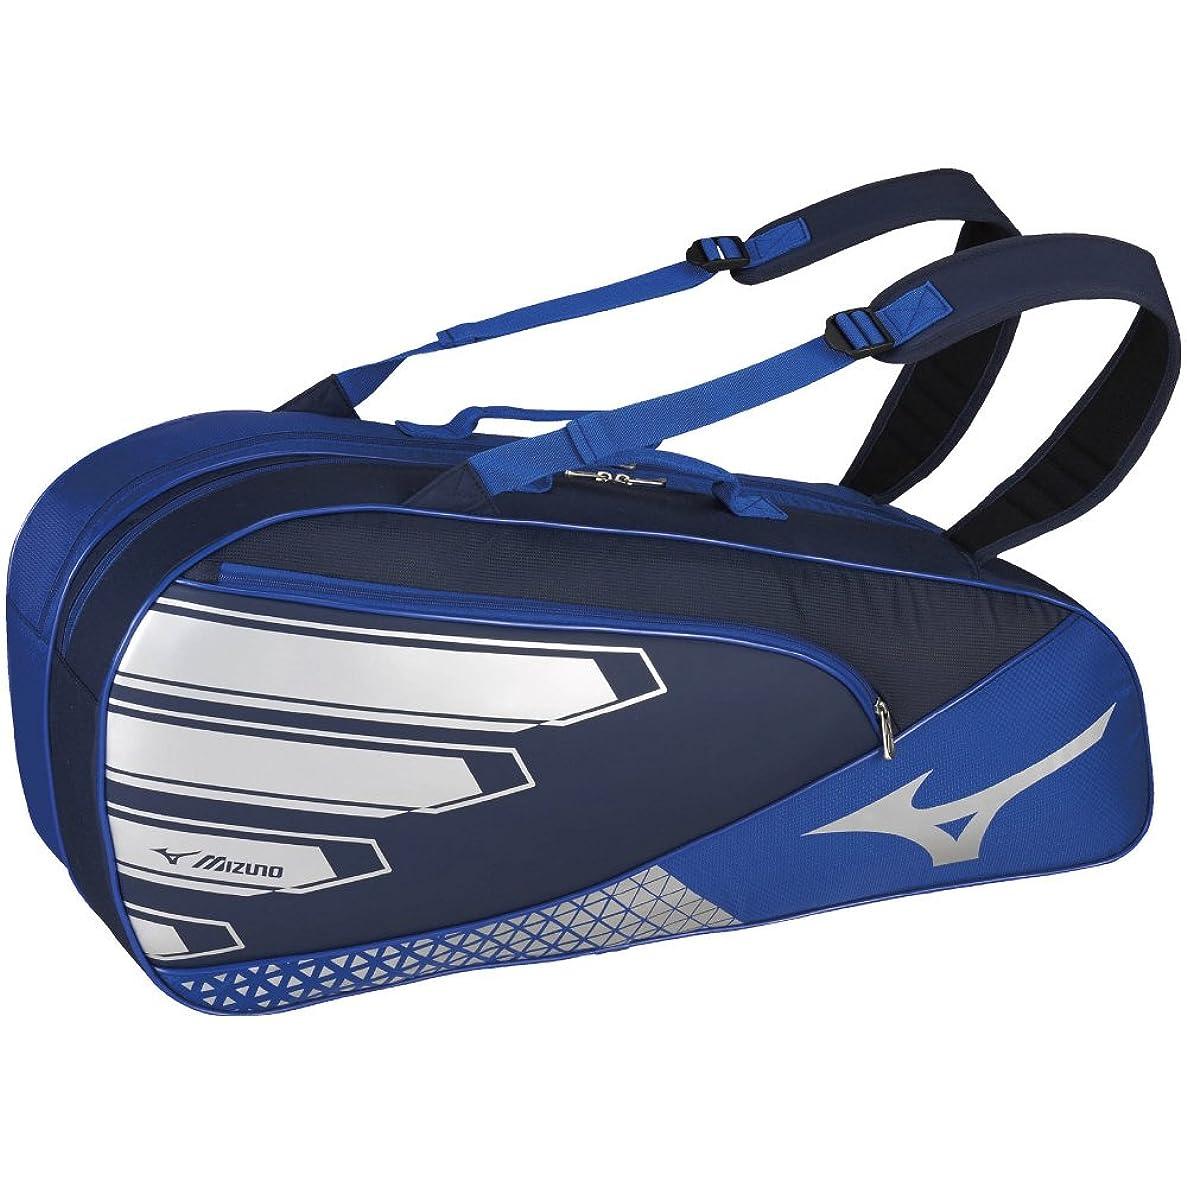 警察ワーカーチョークMIZUNO(ミズノ) テニスバッグ ラケットバッグ 6本入れ 63JD8006